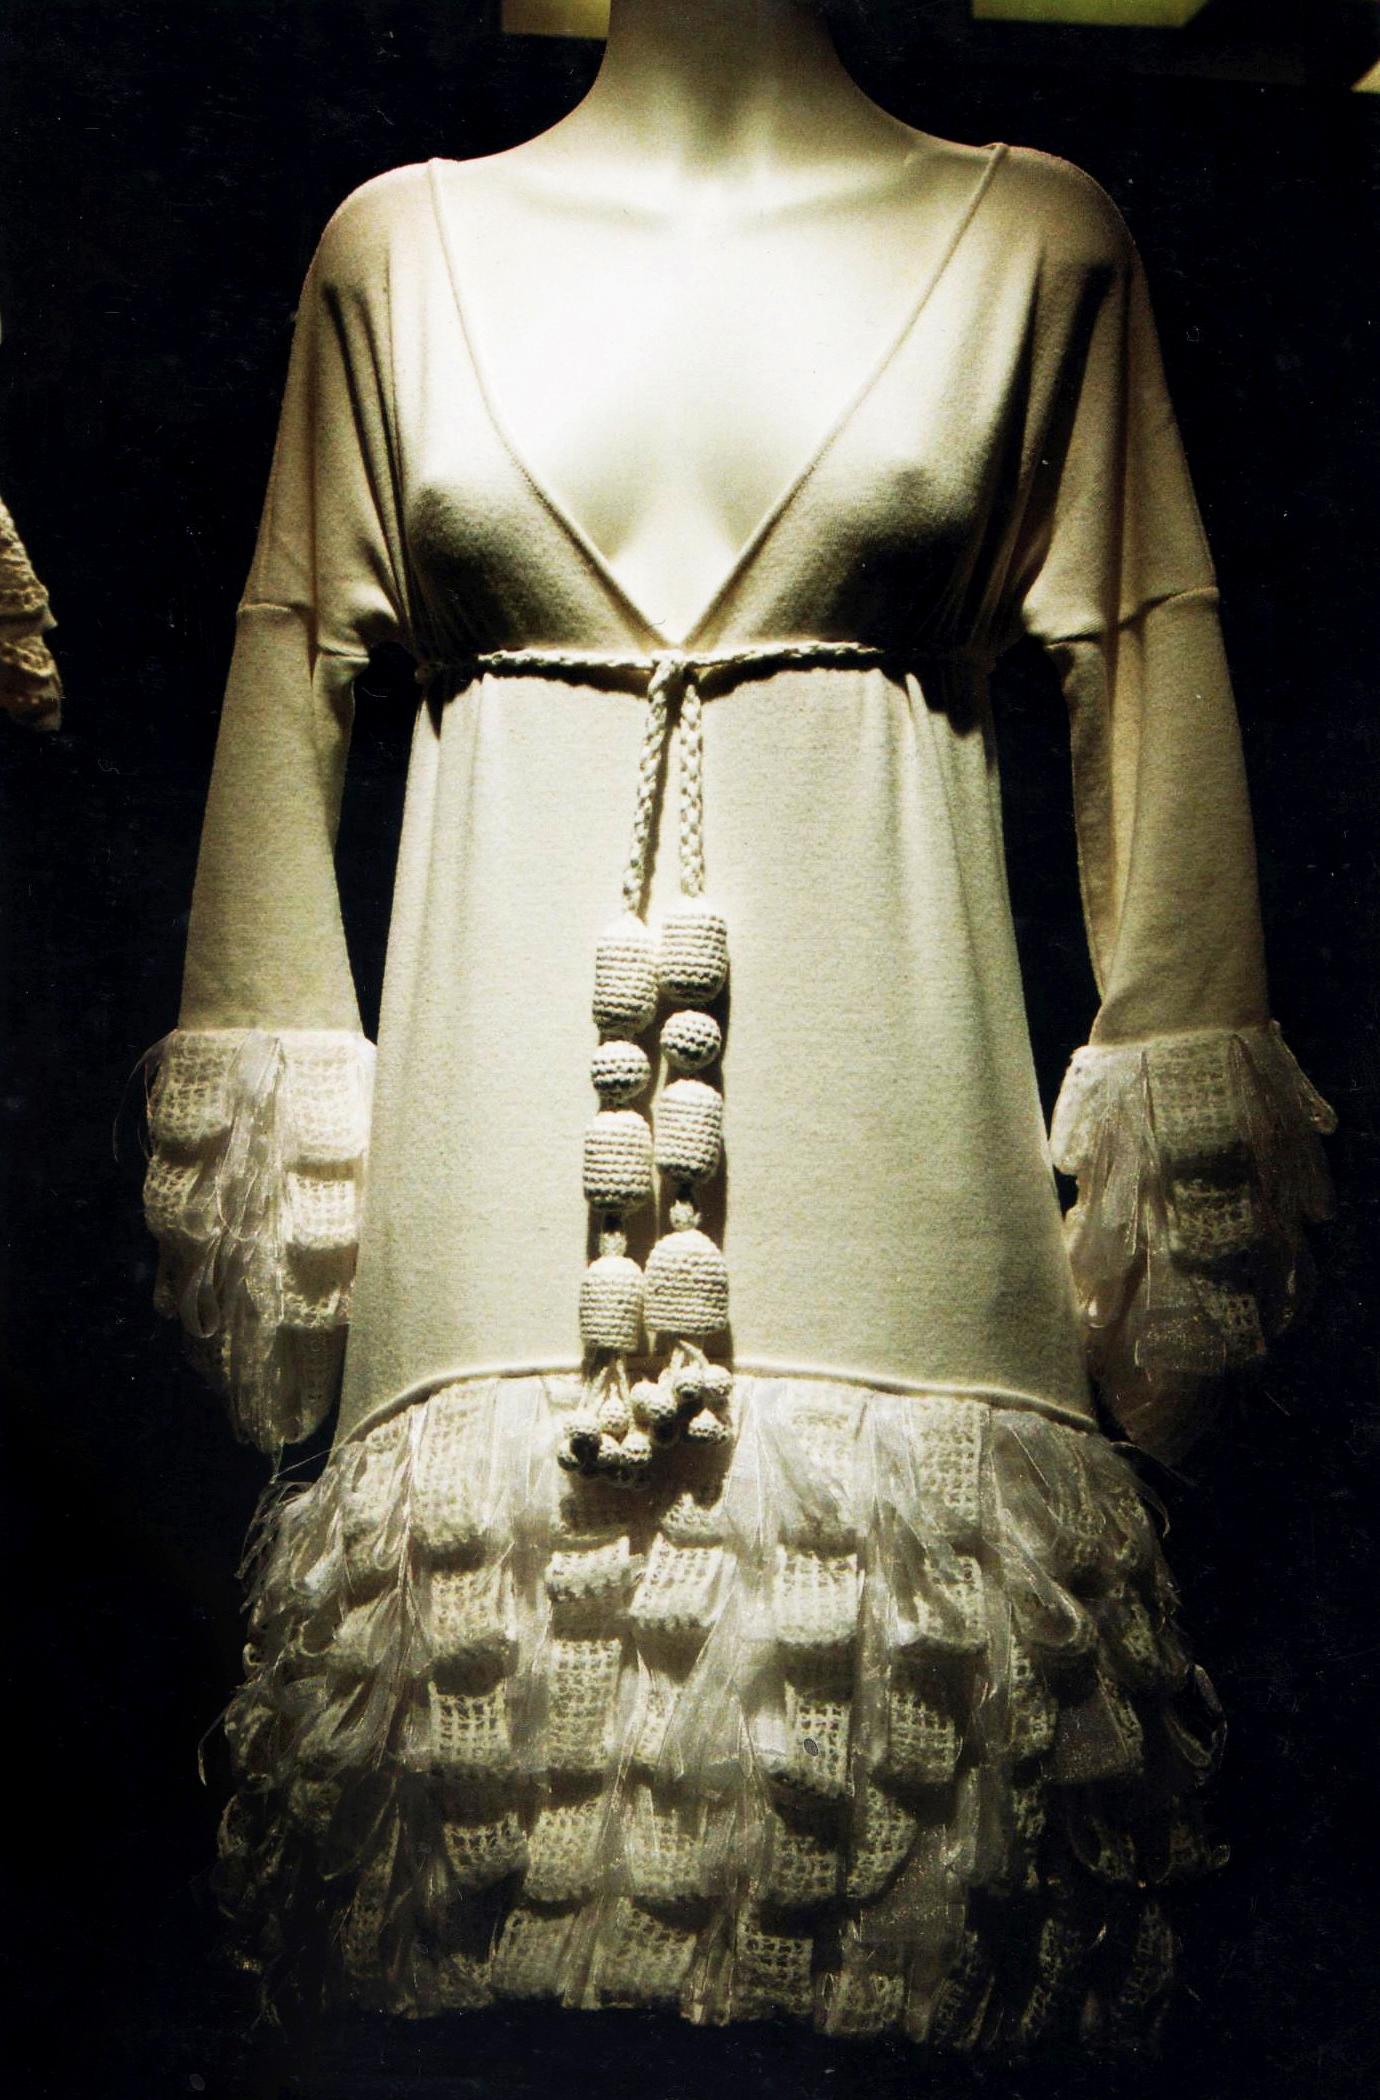 Minidress lavorazione a maglia rasata lana merino con dettagli a imitazione pelliccia lavorati a moduli a uncinetto filet e sfilature in organza di seta.